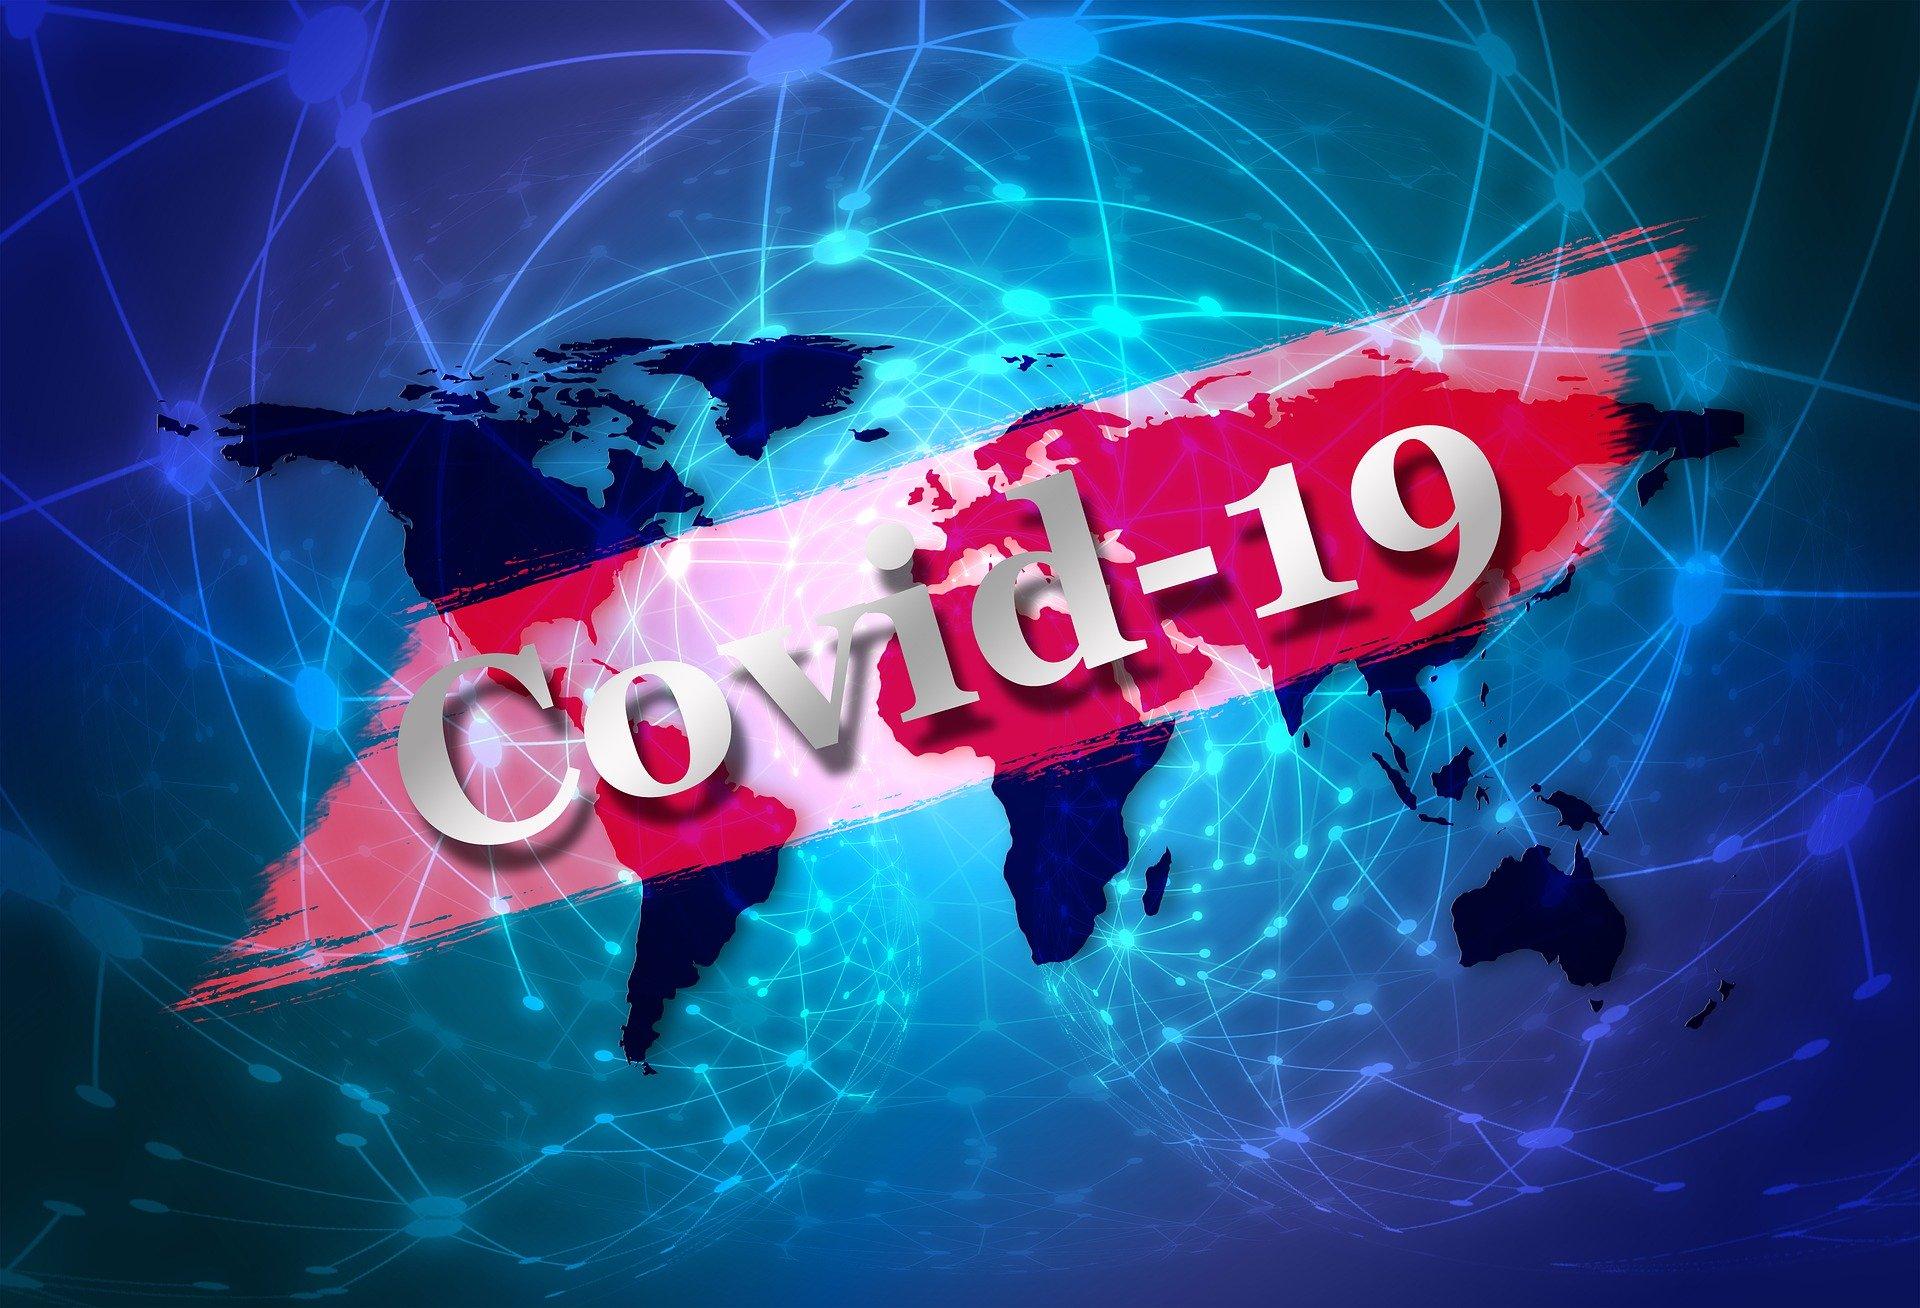 Pandemia koronawirusa na świecie: Już 140 mln zakażonych i 3 mln zmarłych